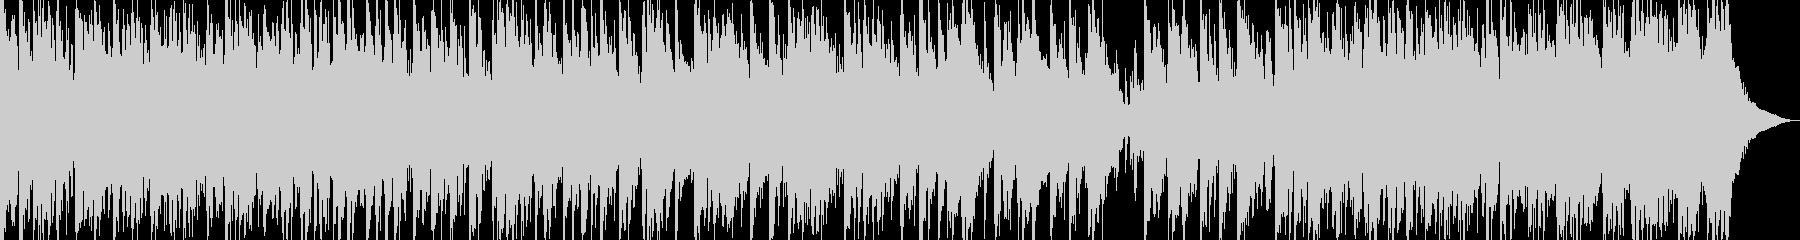 日本伝統音楽5(三味線+篳篥+和太鼓)の未再生の波形